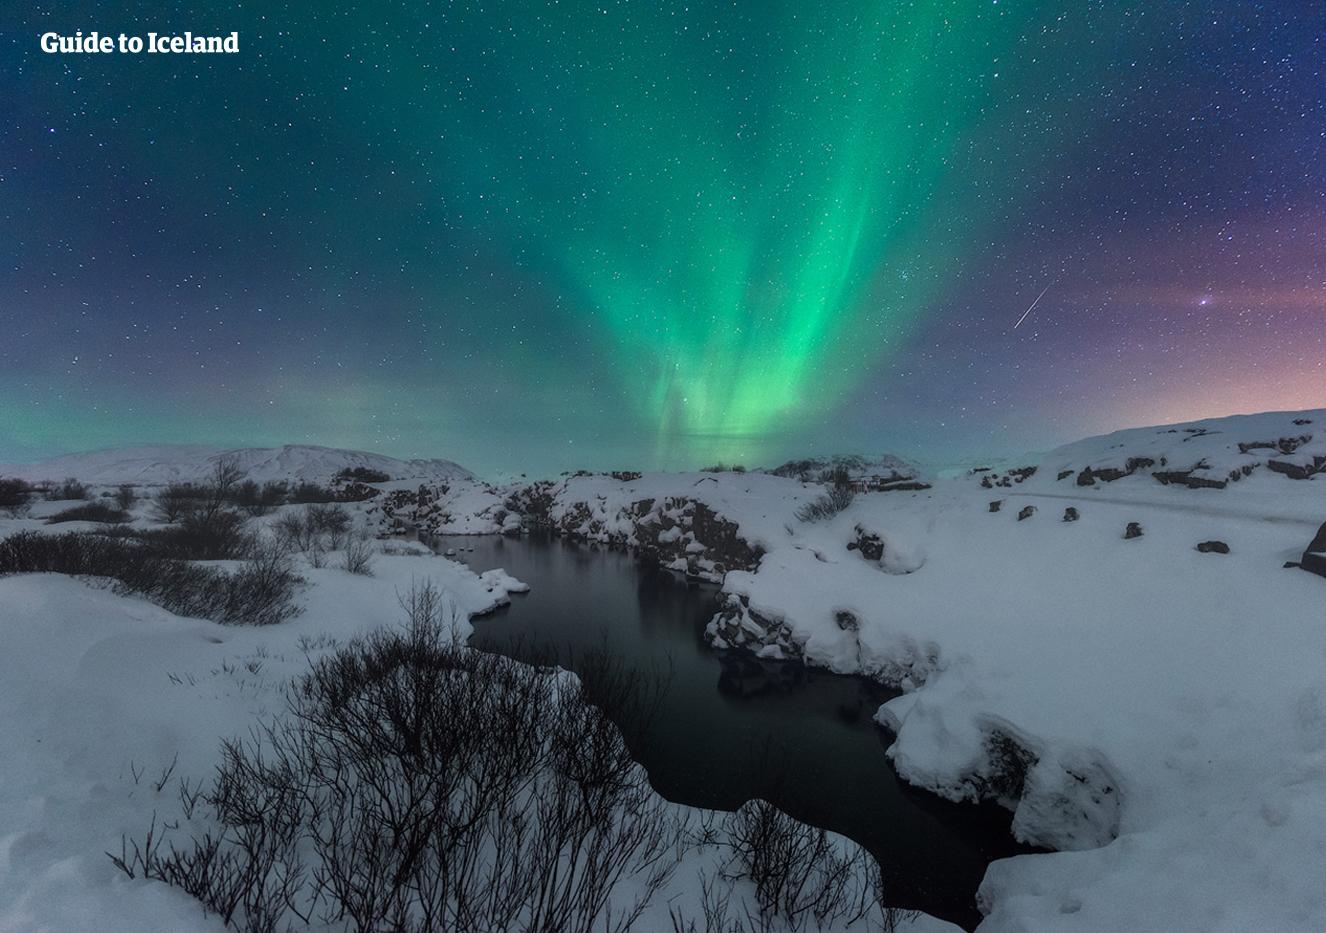 7-дневный зимний автотур | Золотое кольцо и Северная Исландия - day 6